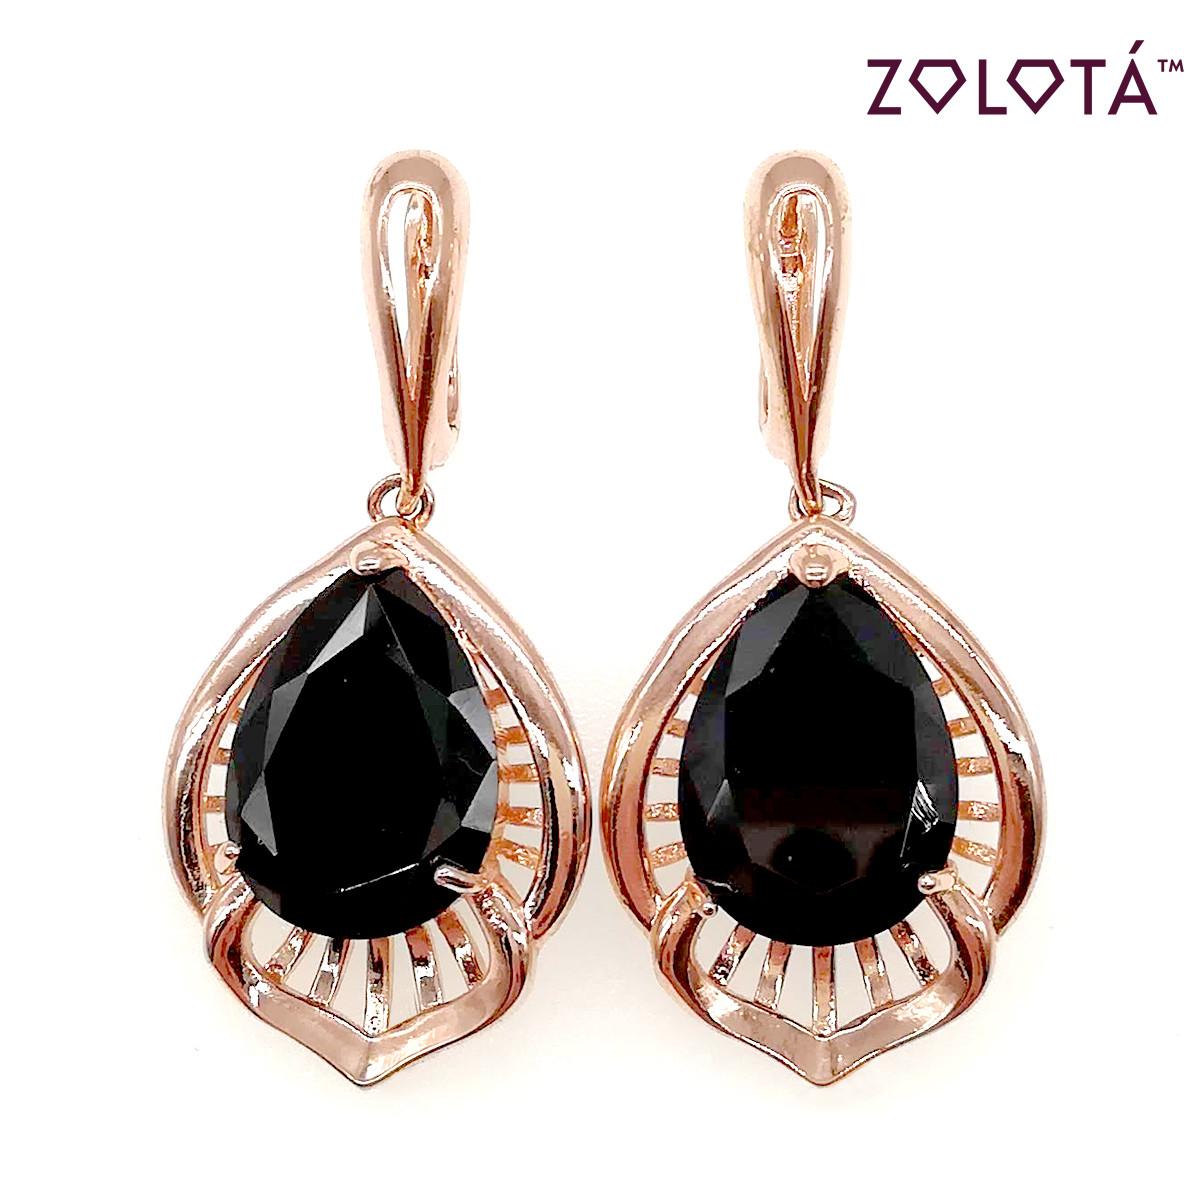 Сережки Zolota з чорними фіанітами (куб. цирконієм), з медичного золота, в позолоті, ЗЛ00415 (1)